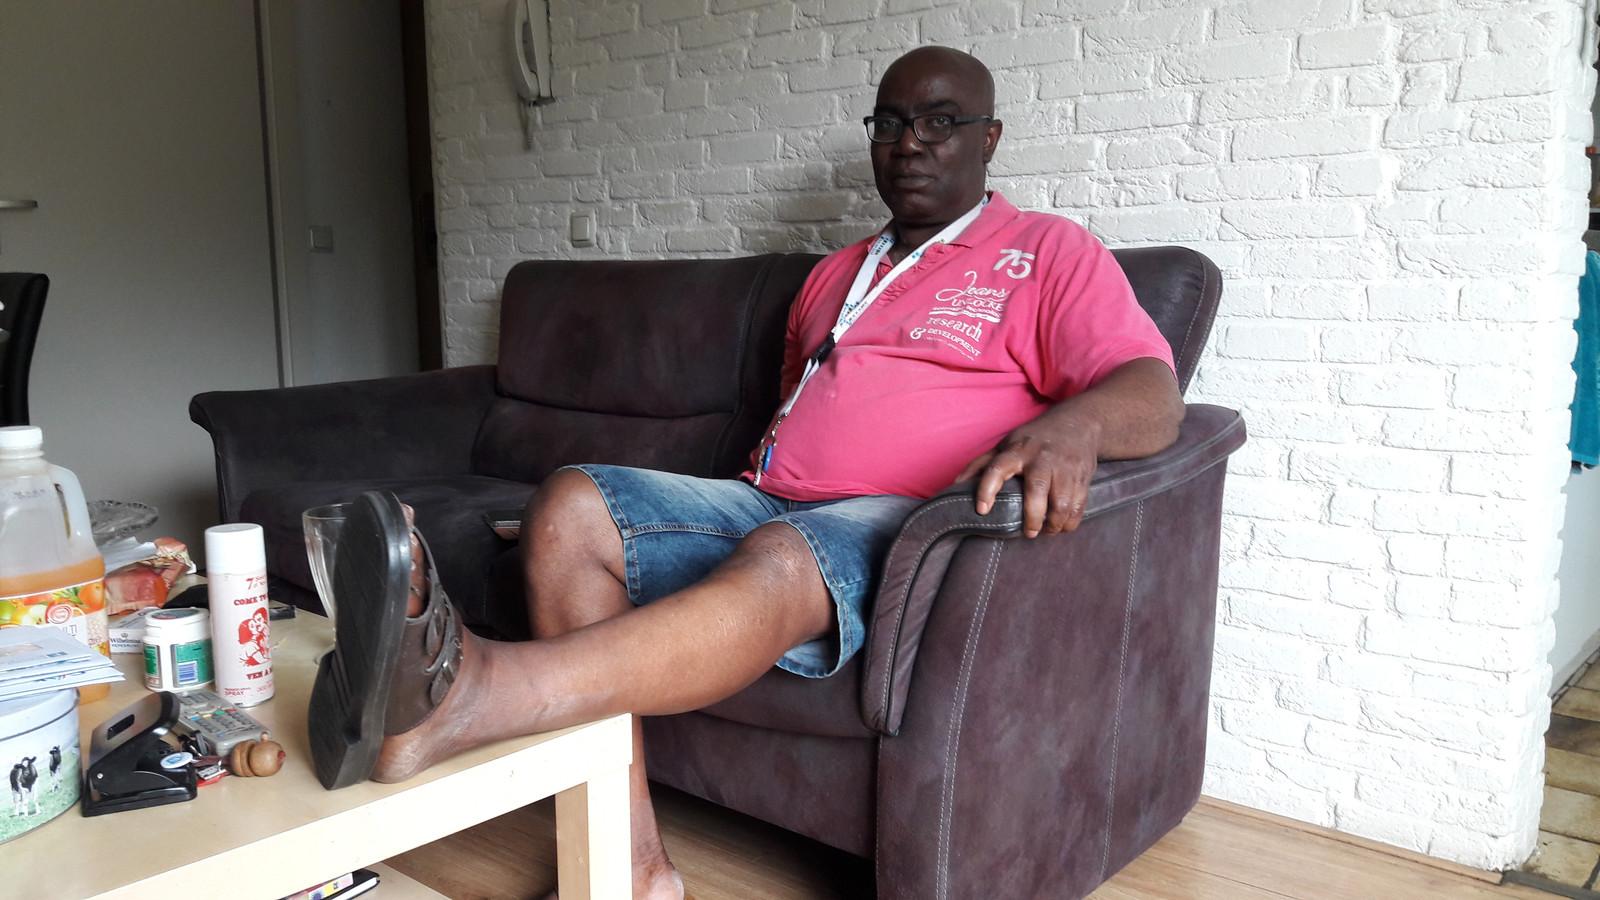 Wilfred Mbadugha kwam woensdagavond met zijn linkerbeen bekneld te zitten tussen zijn scootmobiel en luchtcompressor bij een benzinestation.